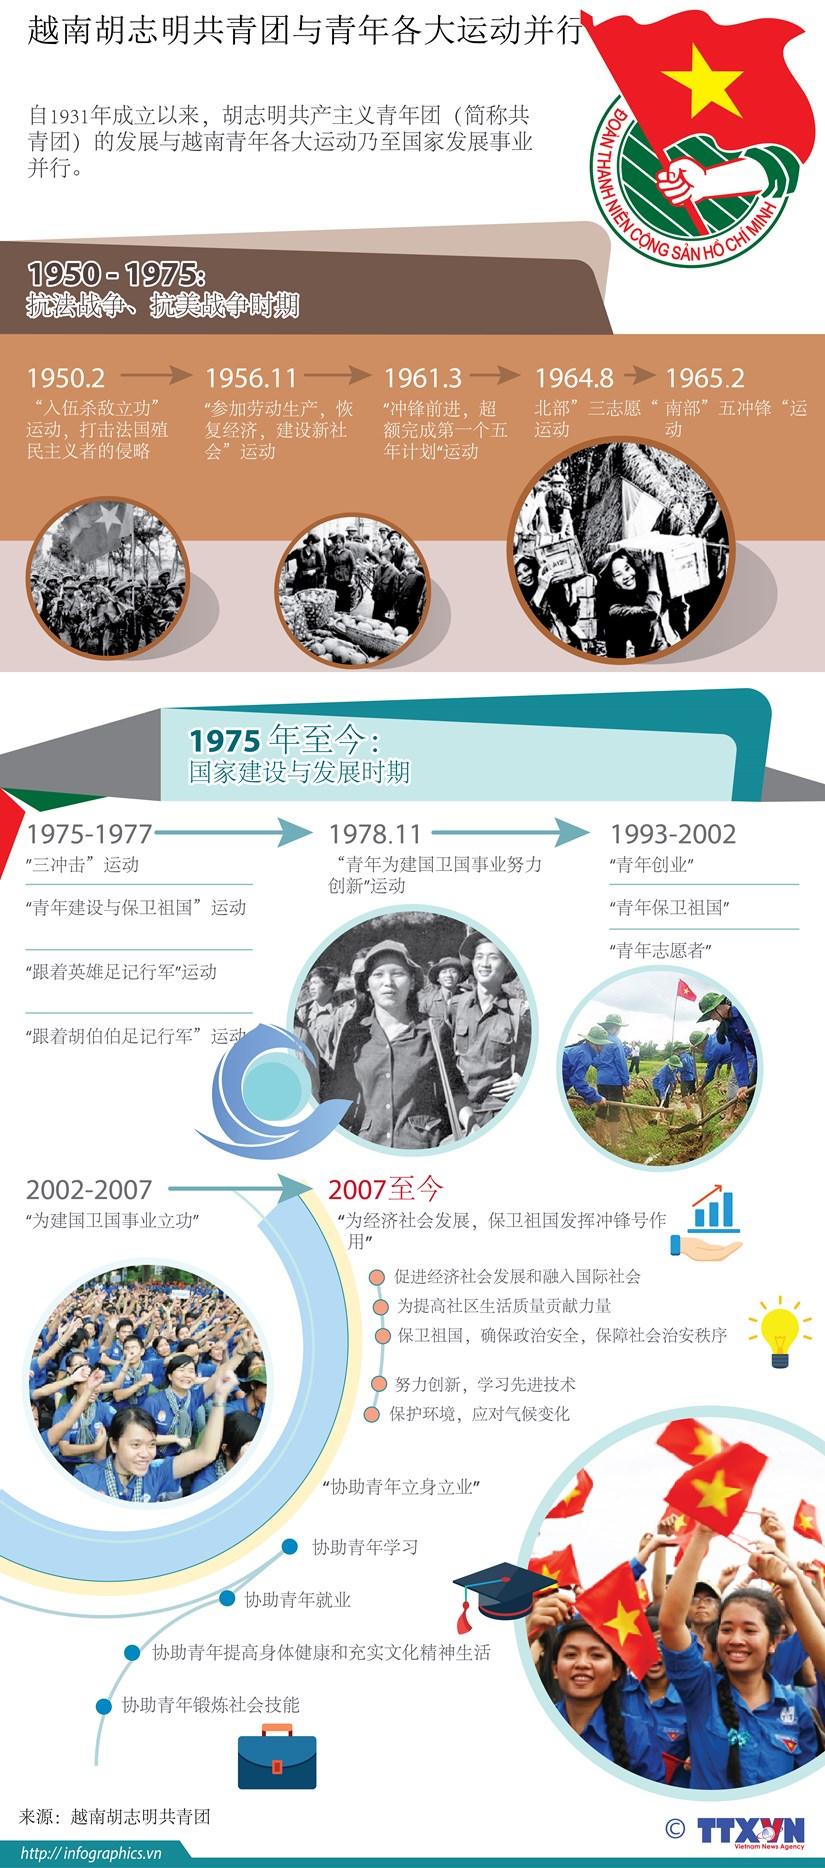 图表新闻:越南胡志明共青团与青年各大运动并行 hinh anh 1